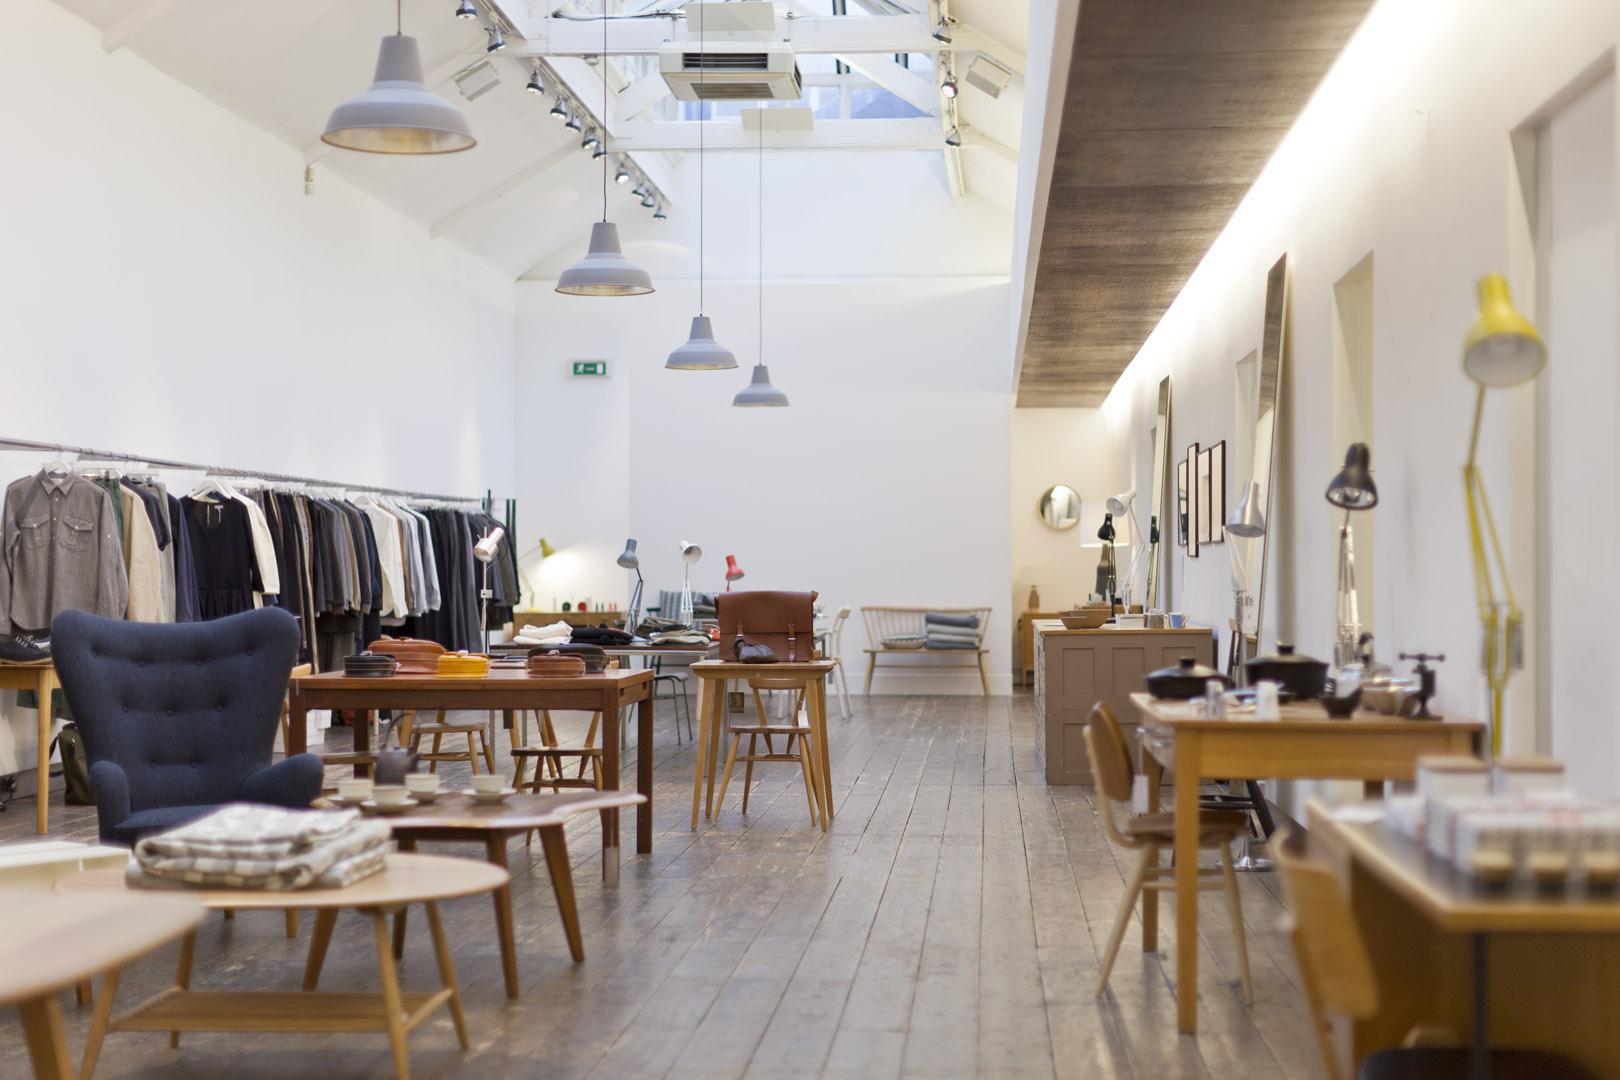 Drewniane stoły, żyrandole i białe ściany we wnętrzu sklepu